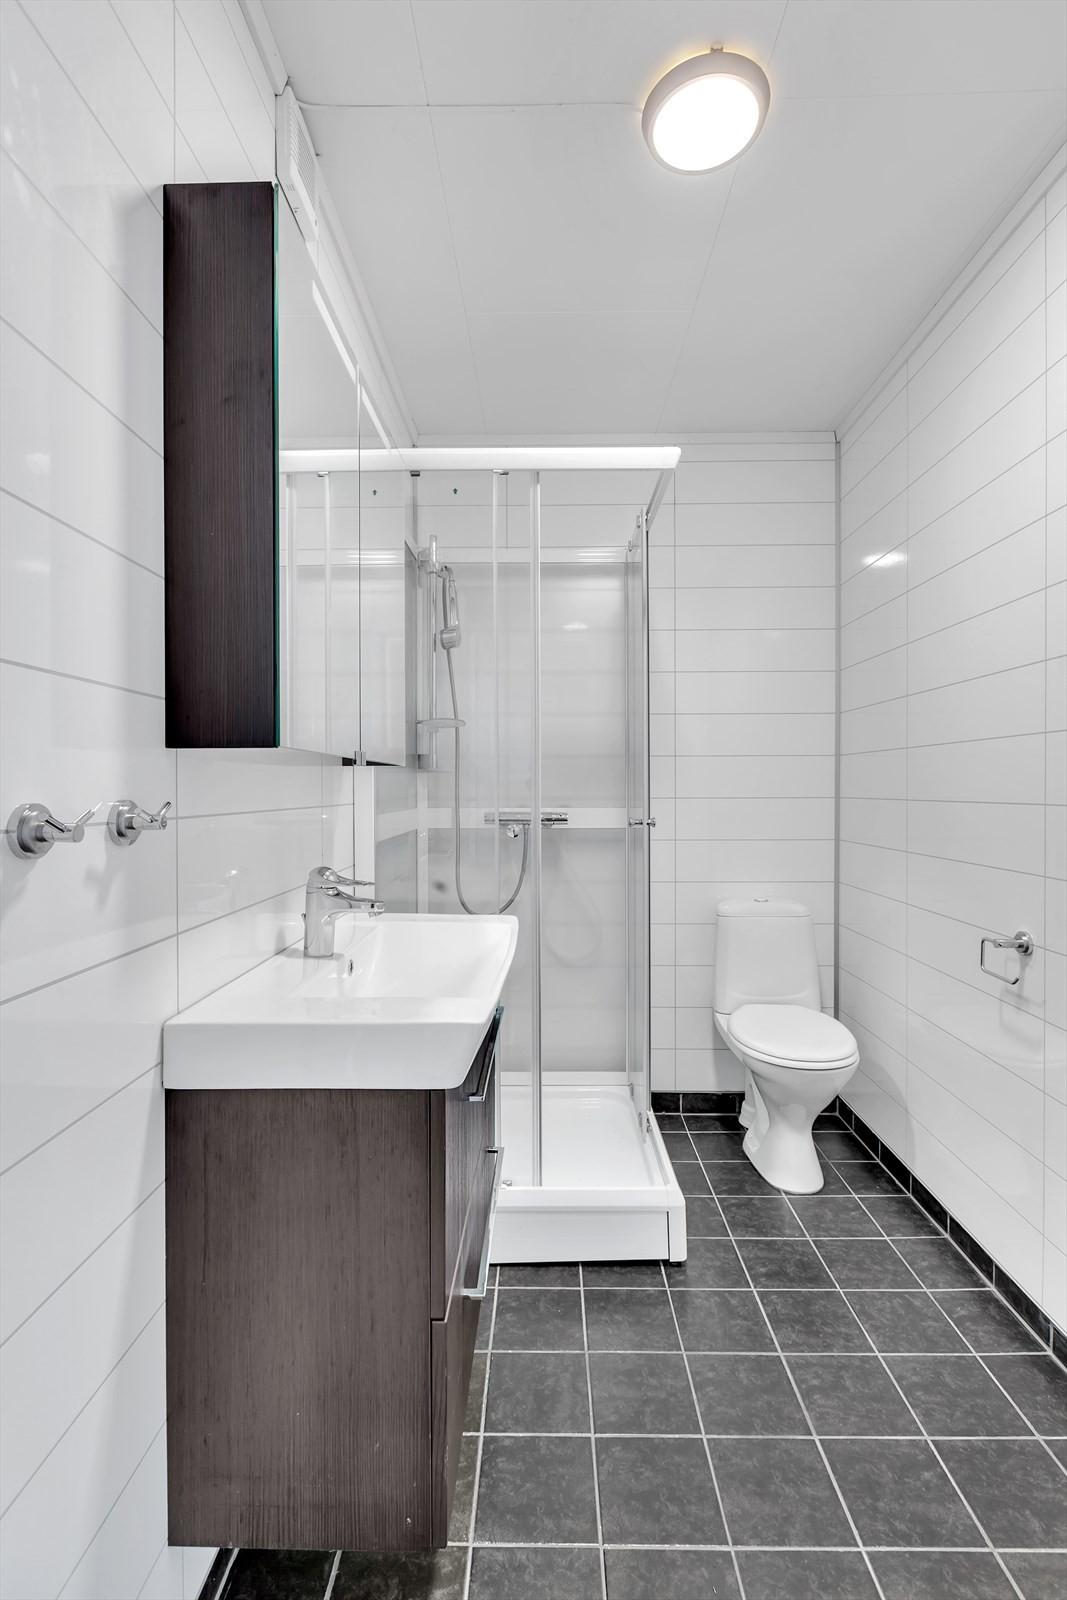 Bad med dusjkabinett, wc og opplegg for vaskemaskin.